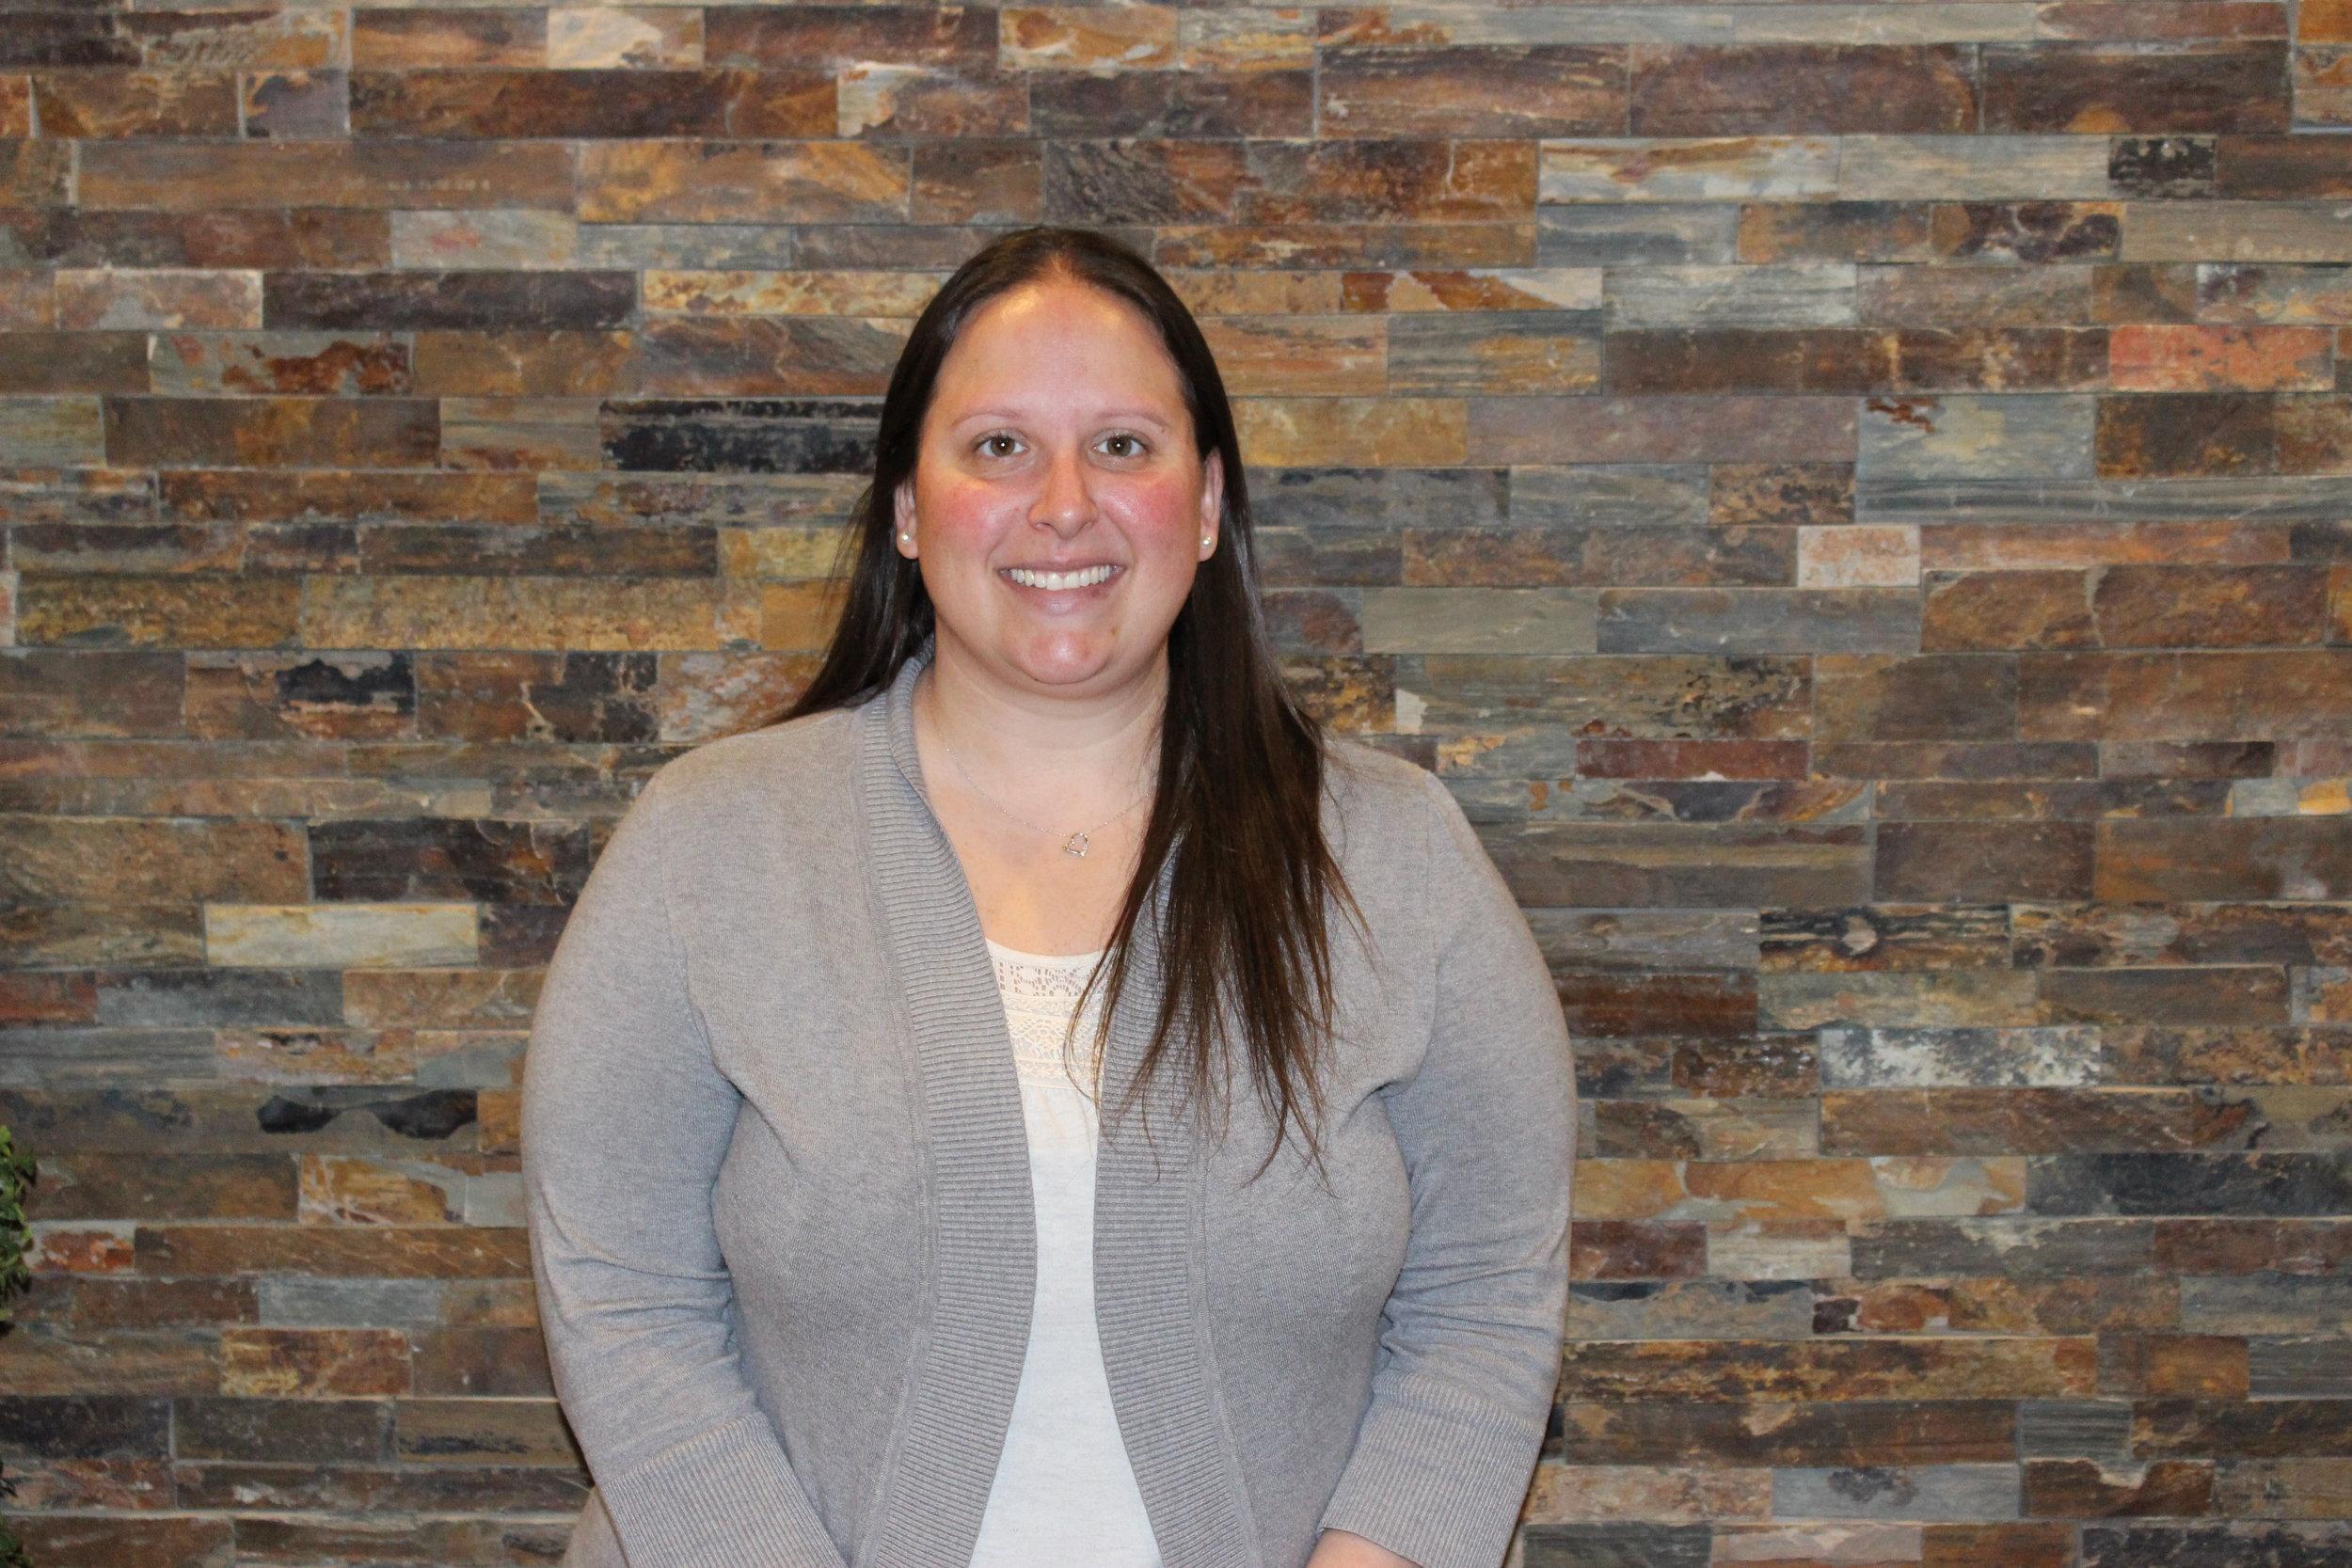 Carrie Chadek | Accounts Payable & Payroll